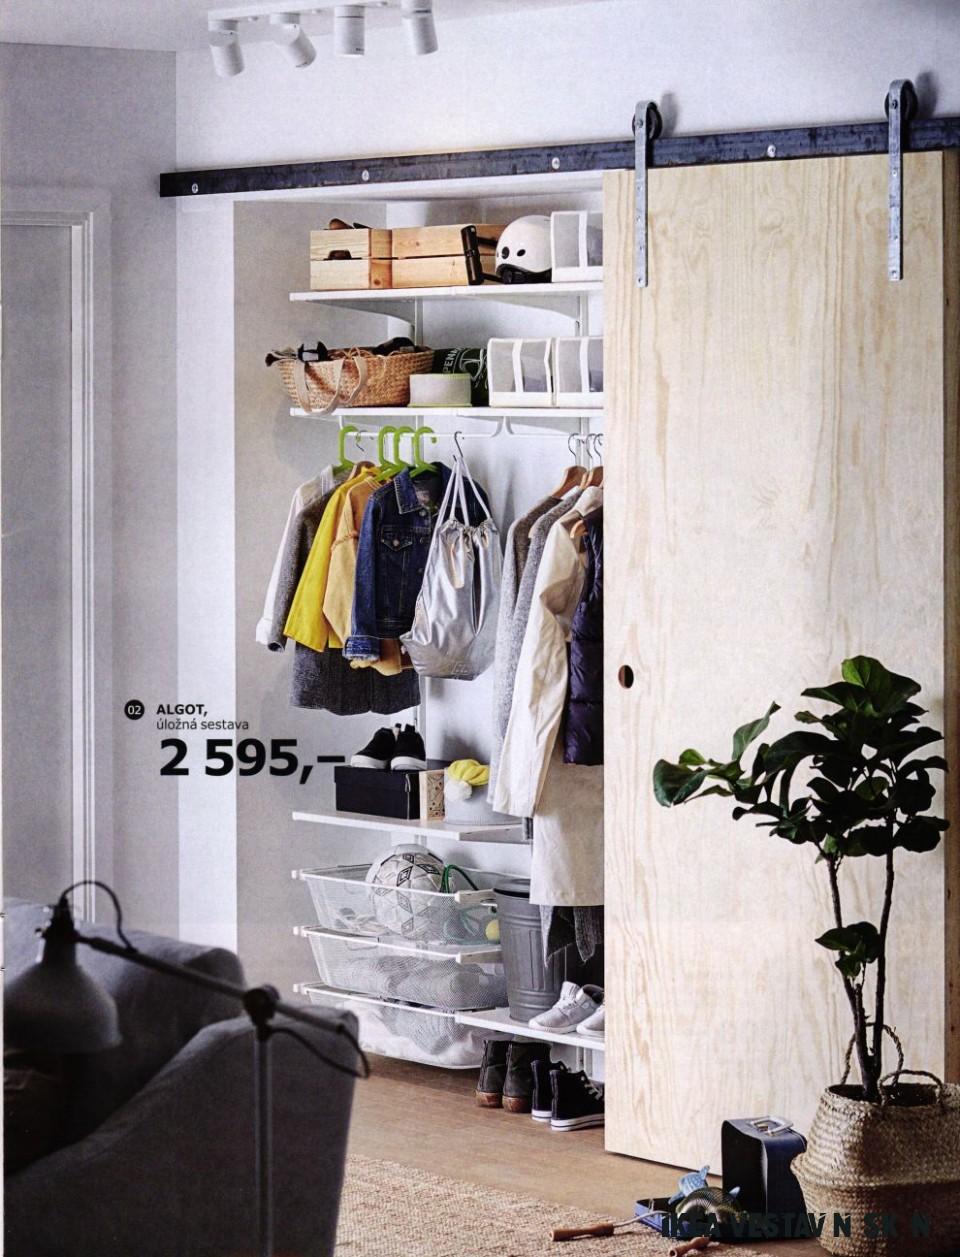 pax, šatní skříň rámy: vnitřní vybaveni: celková cena šatní skříně